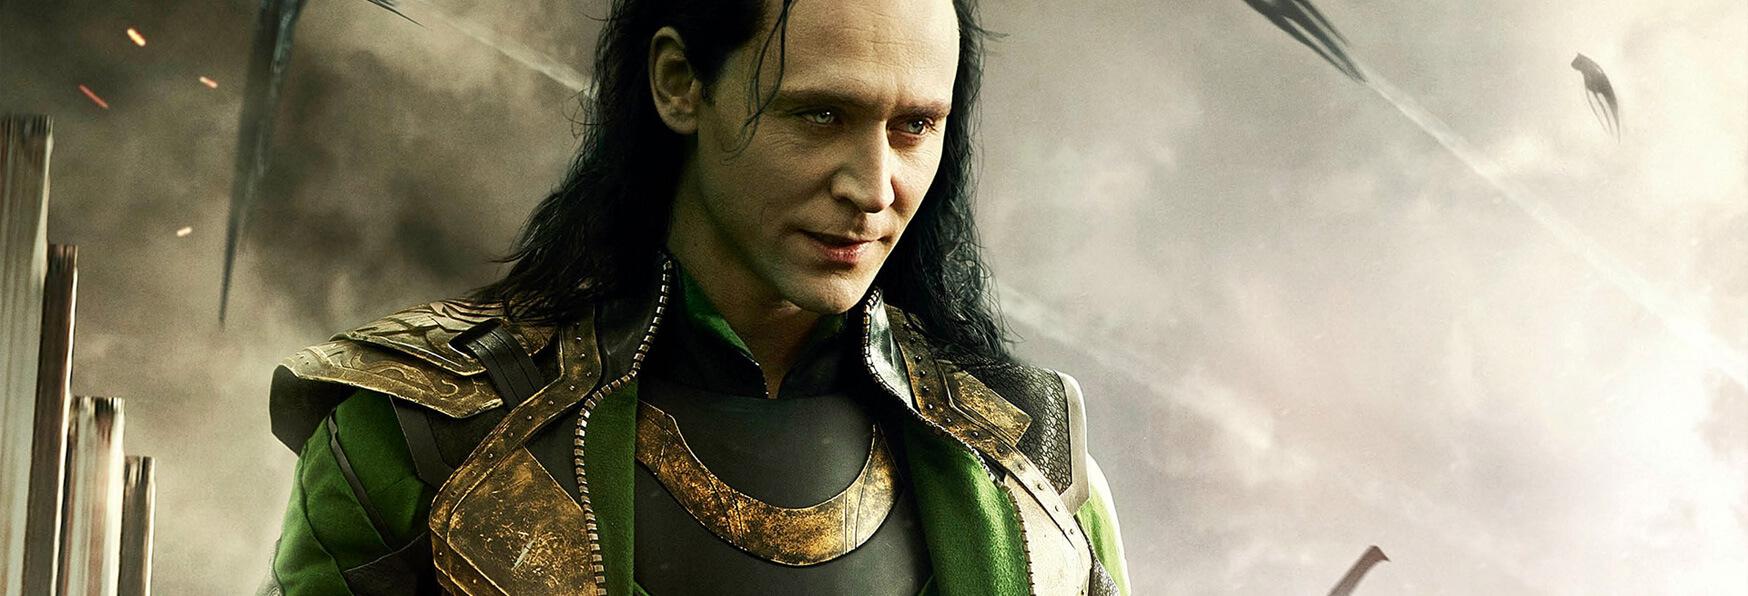 In arrivo nuove Serie TV su Scarlet Witch, Loki e altri personaggi Marvel